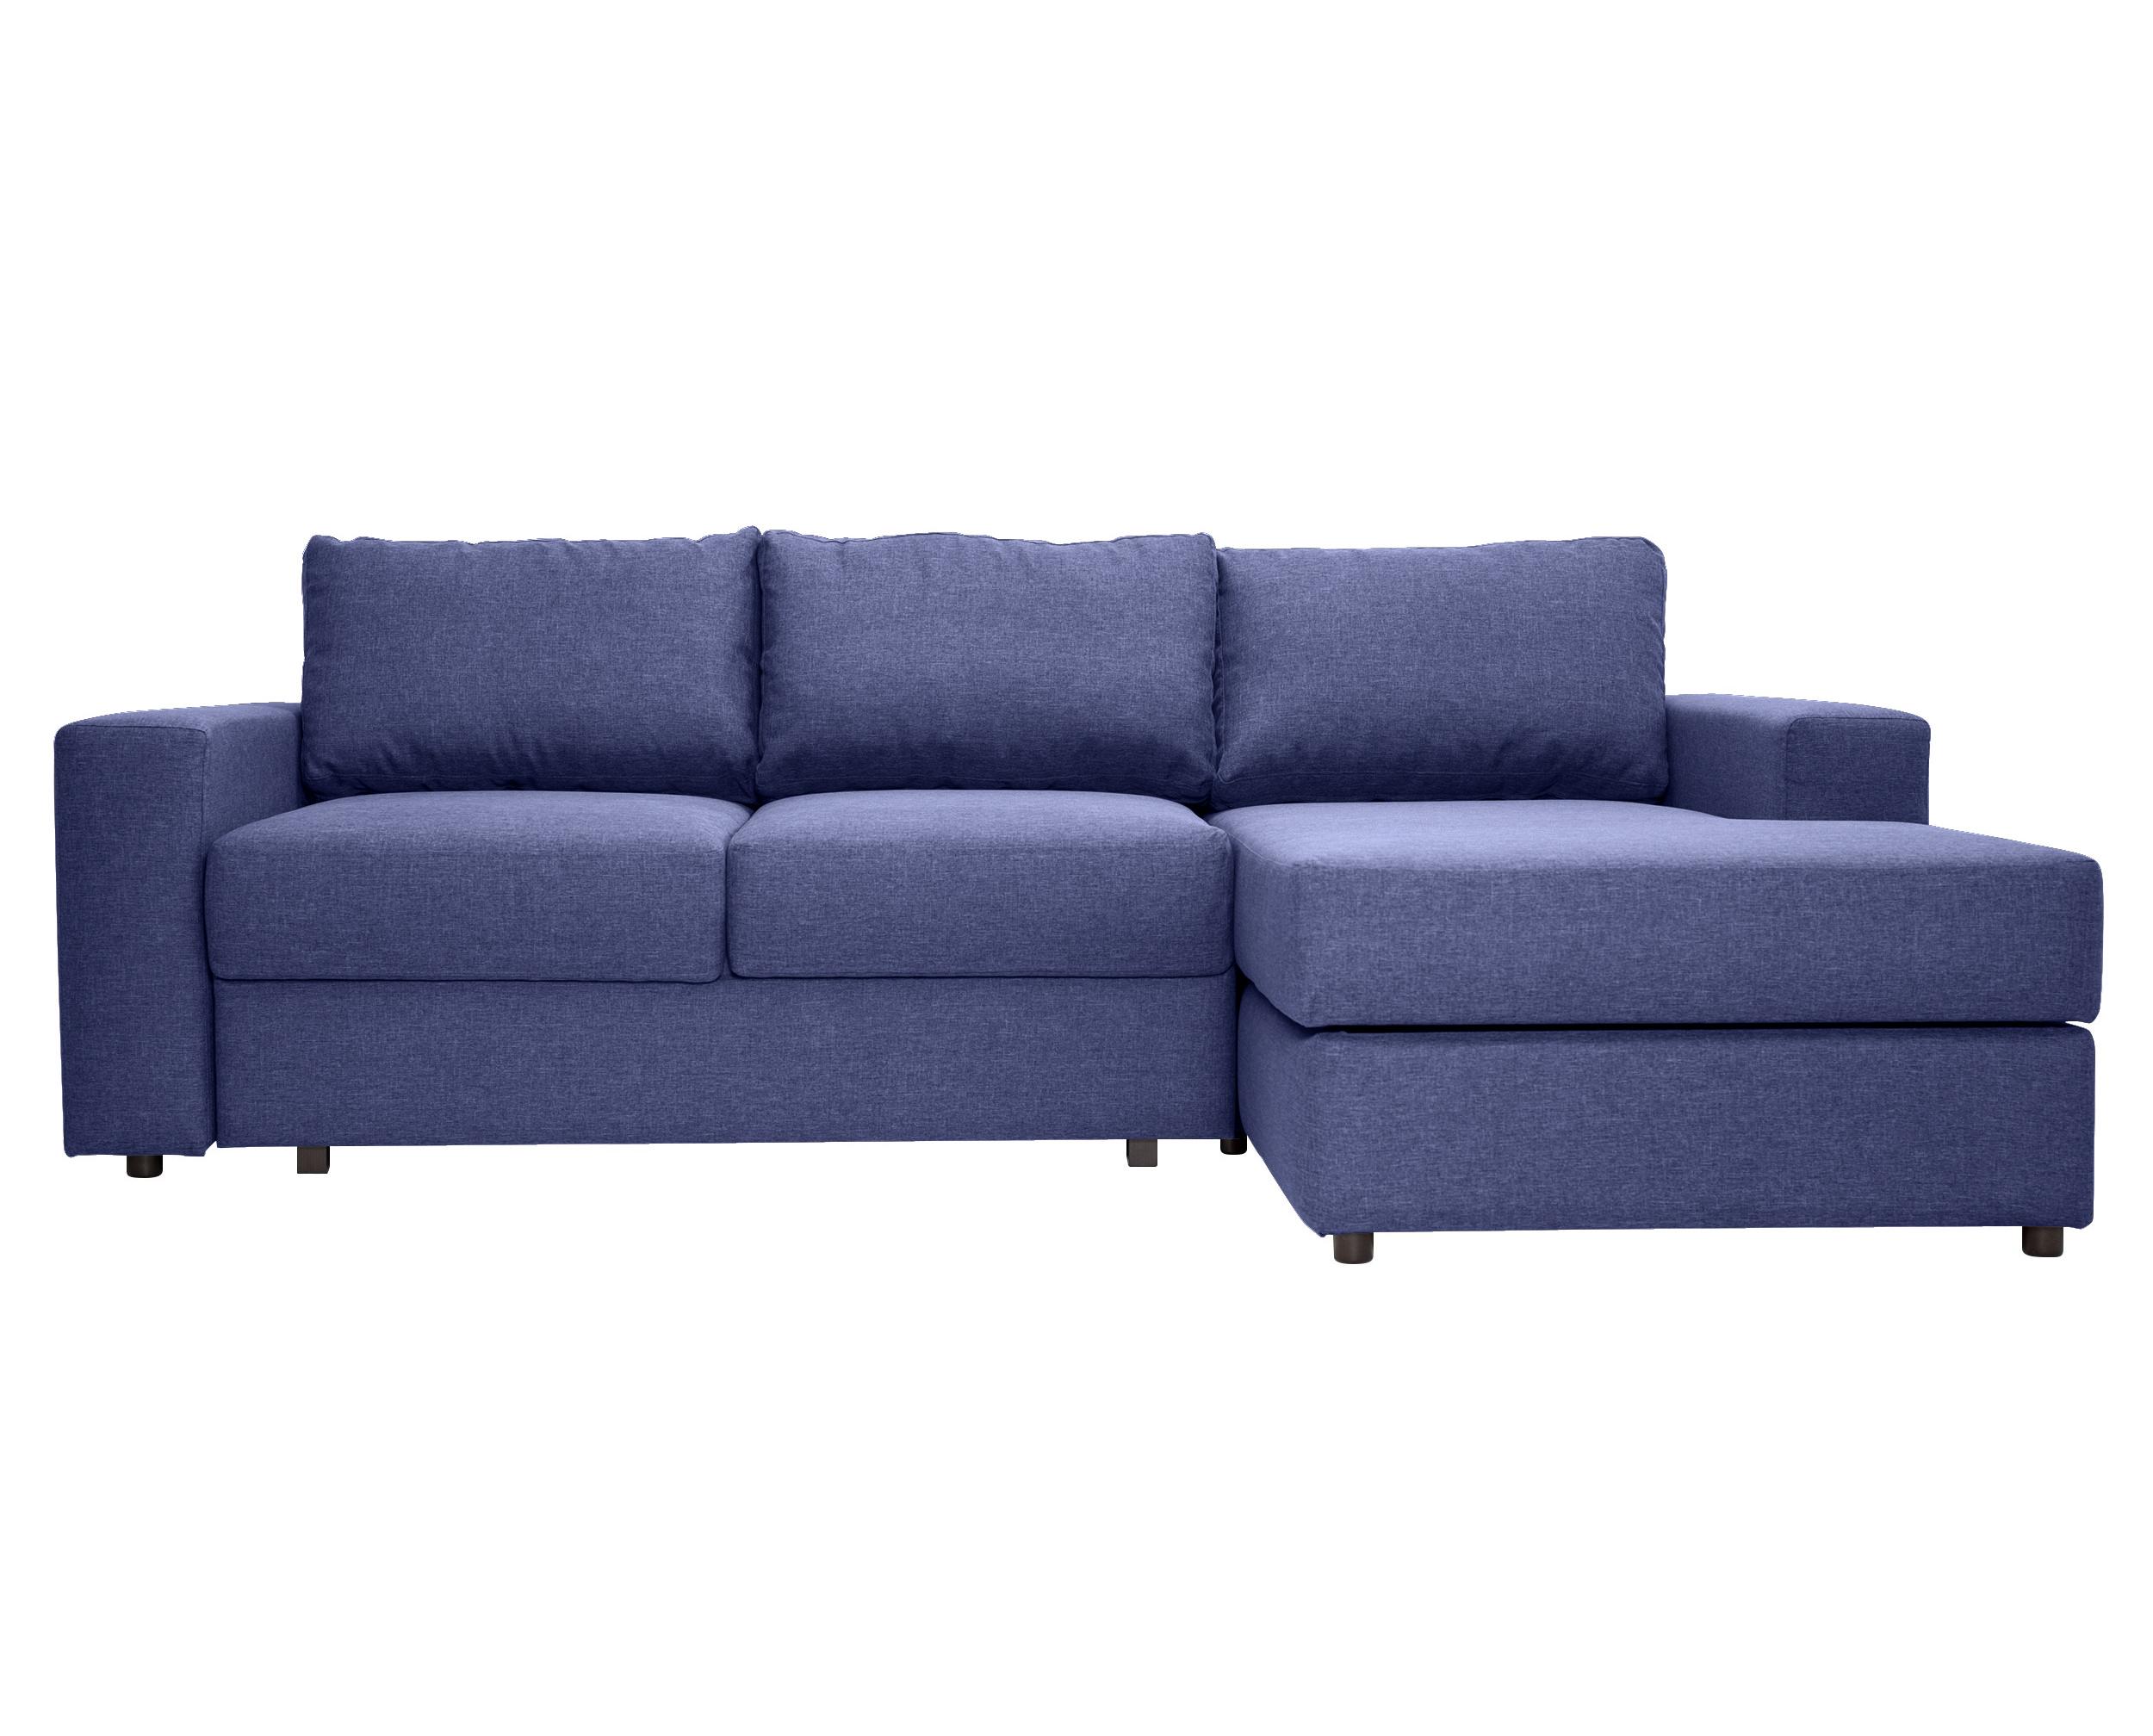 Угловой раскладной диван LumaУгловые раскладные диваны<br>Лаконичный диван для современных интерьеров. Исполнен<br>вроде бы традиционно, но с модерновыми нотками. Тут и нестандартная текстура&amp;amp;nbsp;ткани, и объемные формы, из которых особо выделяются подушки. Задаст настроение&amp;amp;nbsp;всей комнате.&amp;lt;p&amp;gt;&amp;lt;/p&amp;gt;&amp;lt;div&amp;gt;Каркас: фанера, массив;&amp;lt;/div&amp;gt;&amp;lt;div&amp;gt;Наполнение: высокоэластичный ППУ;&amp;lt;/div&amp;gt;&amp;lt;div&amp;gt;Обивка: мебельная ткань, устойчивая к стиранию;&amp;lt;/div&amp;gt;&amp;lt;div&amp;gt;Опоры: массив дерева;&amp;lt;/div&amp;gt;&amp;lt;div&amp;gt;Дополнительно: возможно оборудование раскладным механизмом&amp;lt;/div&amp;gt;<br><br>Material: Текстиль<br>Ширина см: 250<br>Высота см: 79<br>Глубина см: 158